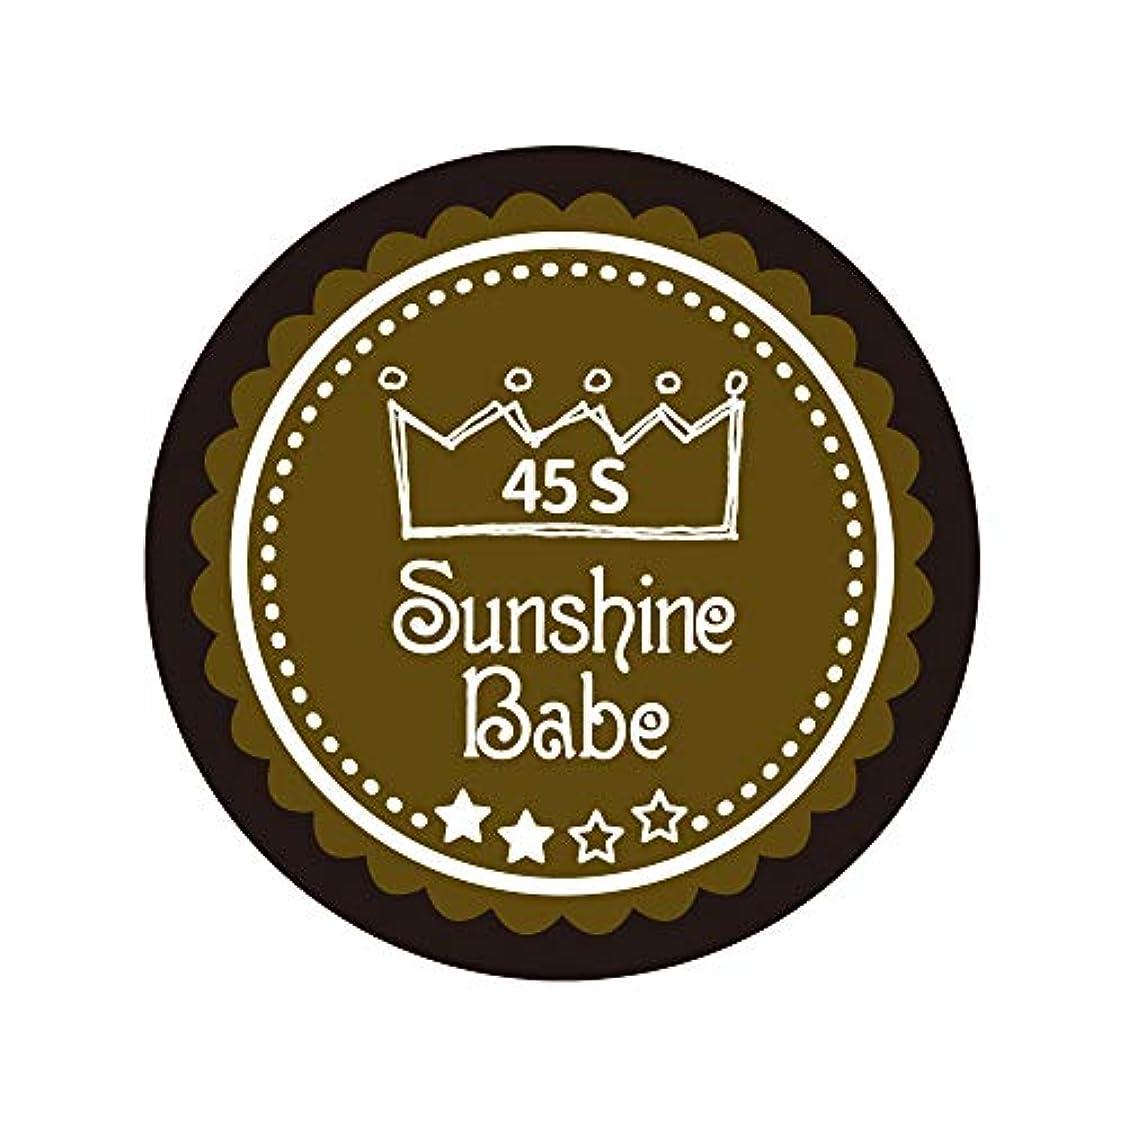 終わり除外する見えないSunshine Babe カラージェル 45S マティーニオリーブ 4g UV/LED対応